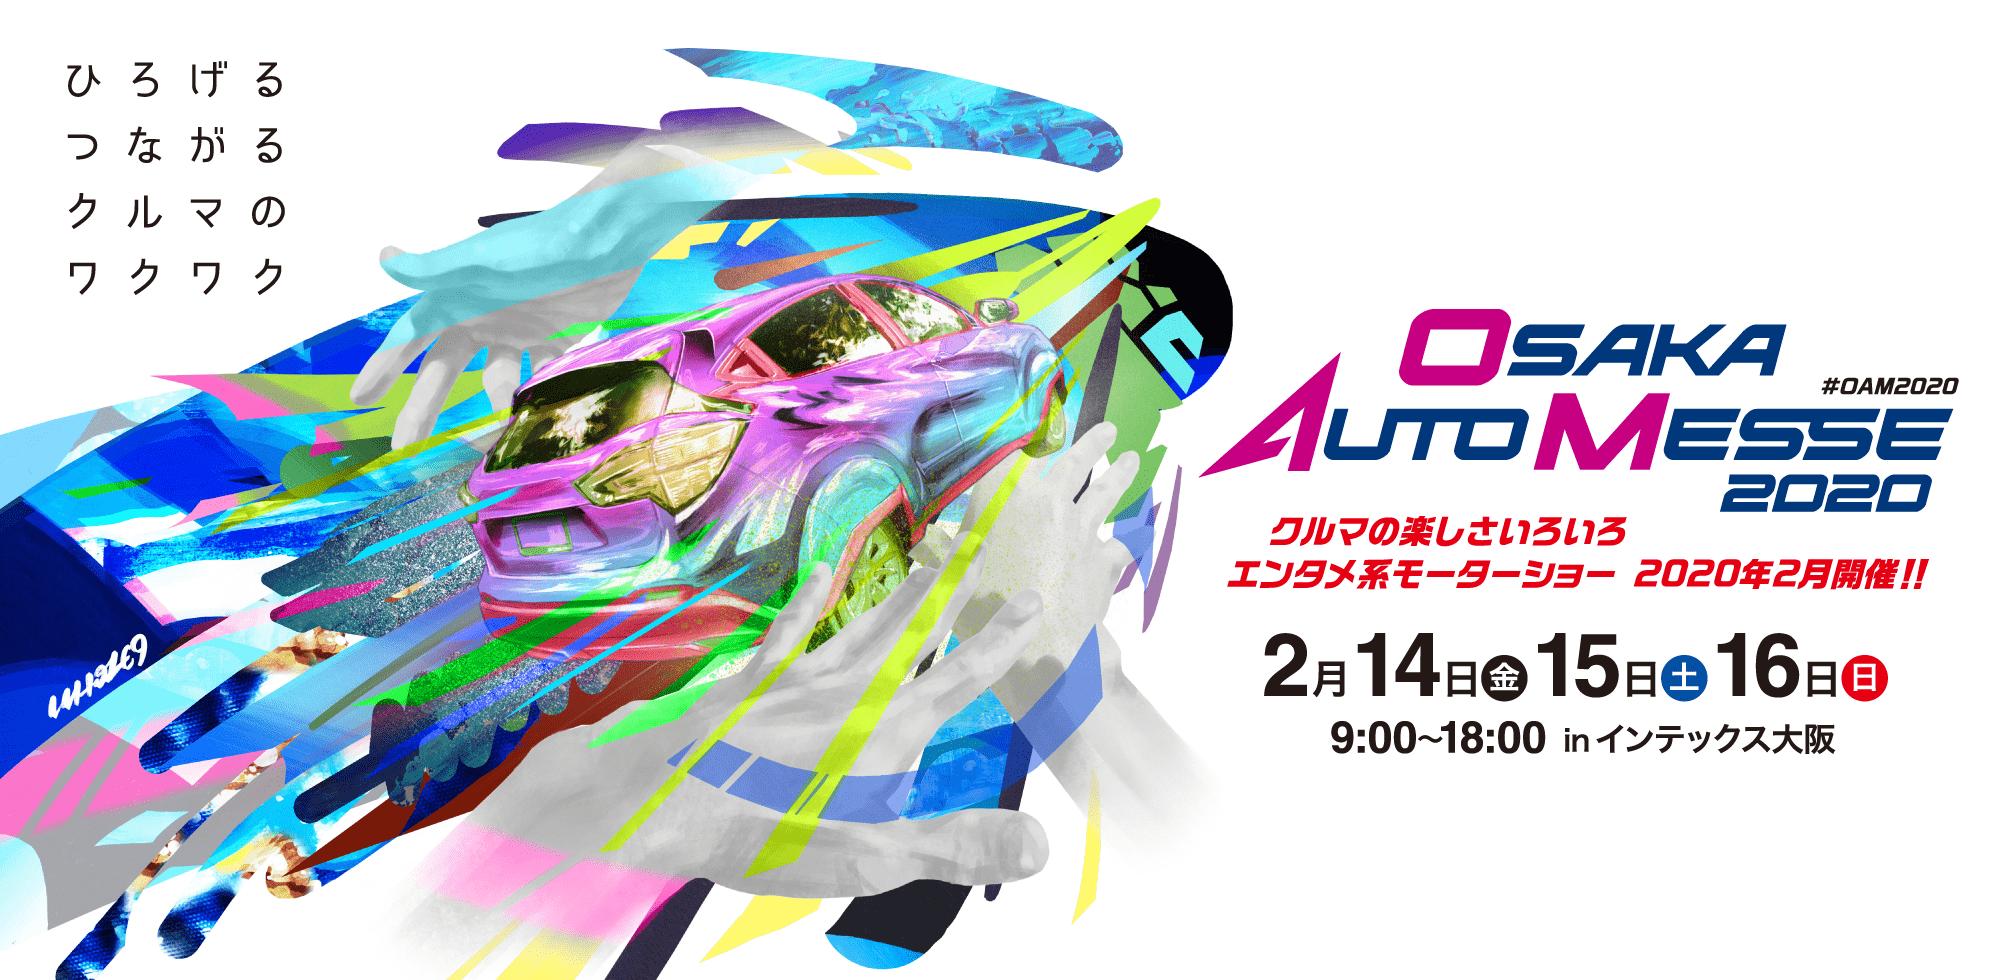 OSAKA AUTO MESSE (大阪オートメッセ) 2020 ユーアイビークル UIvehicle